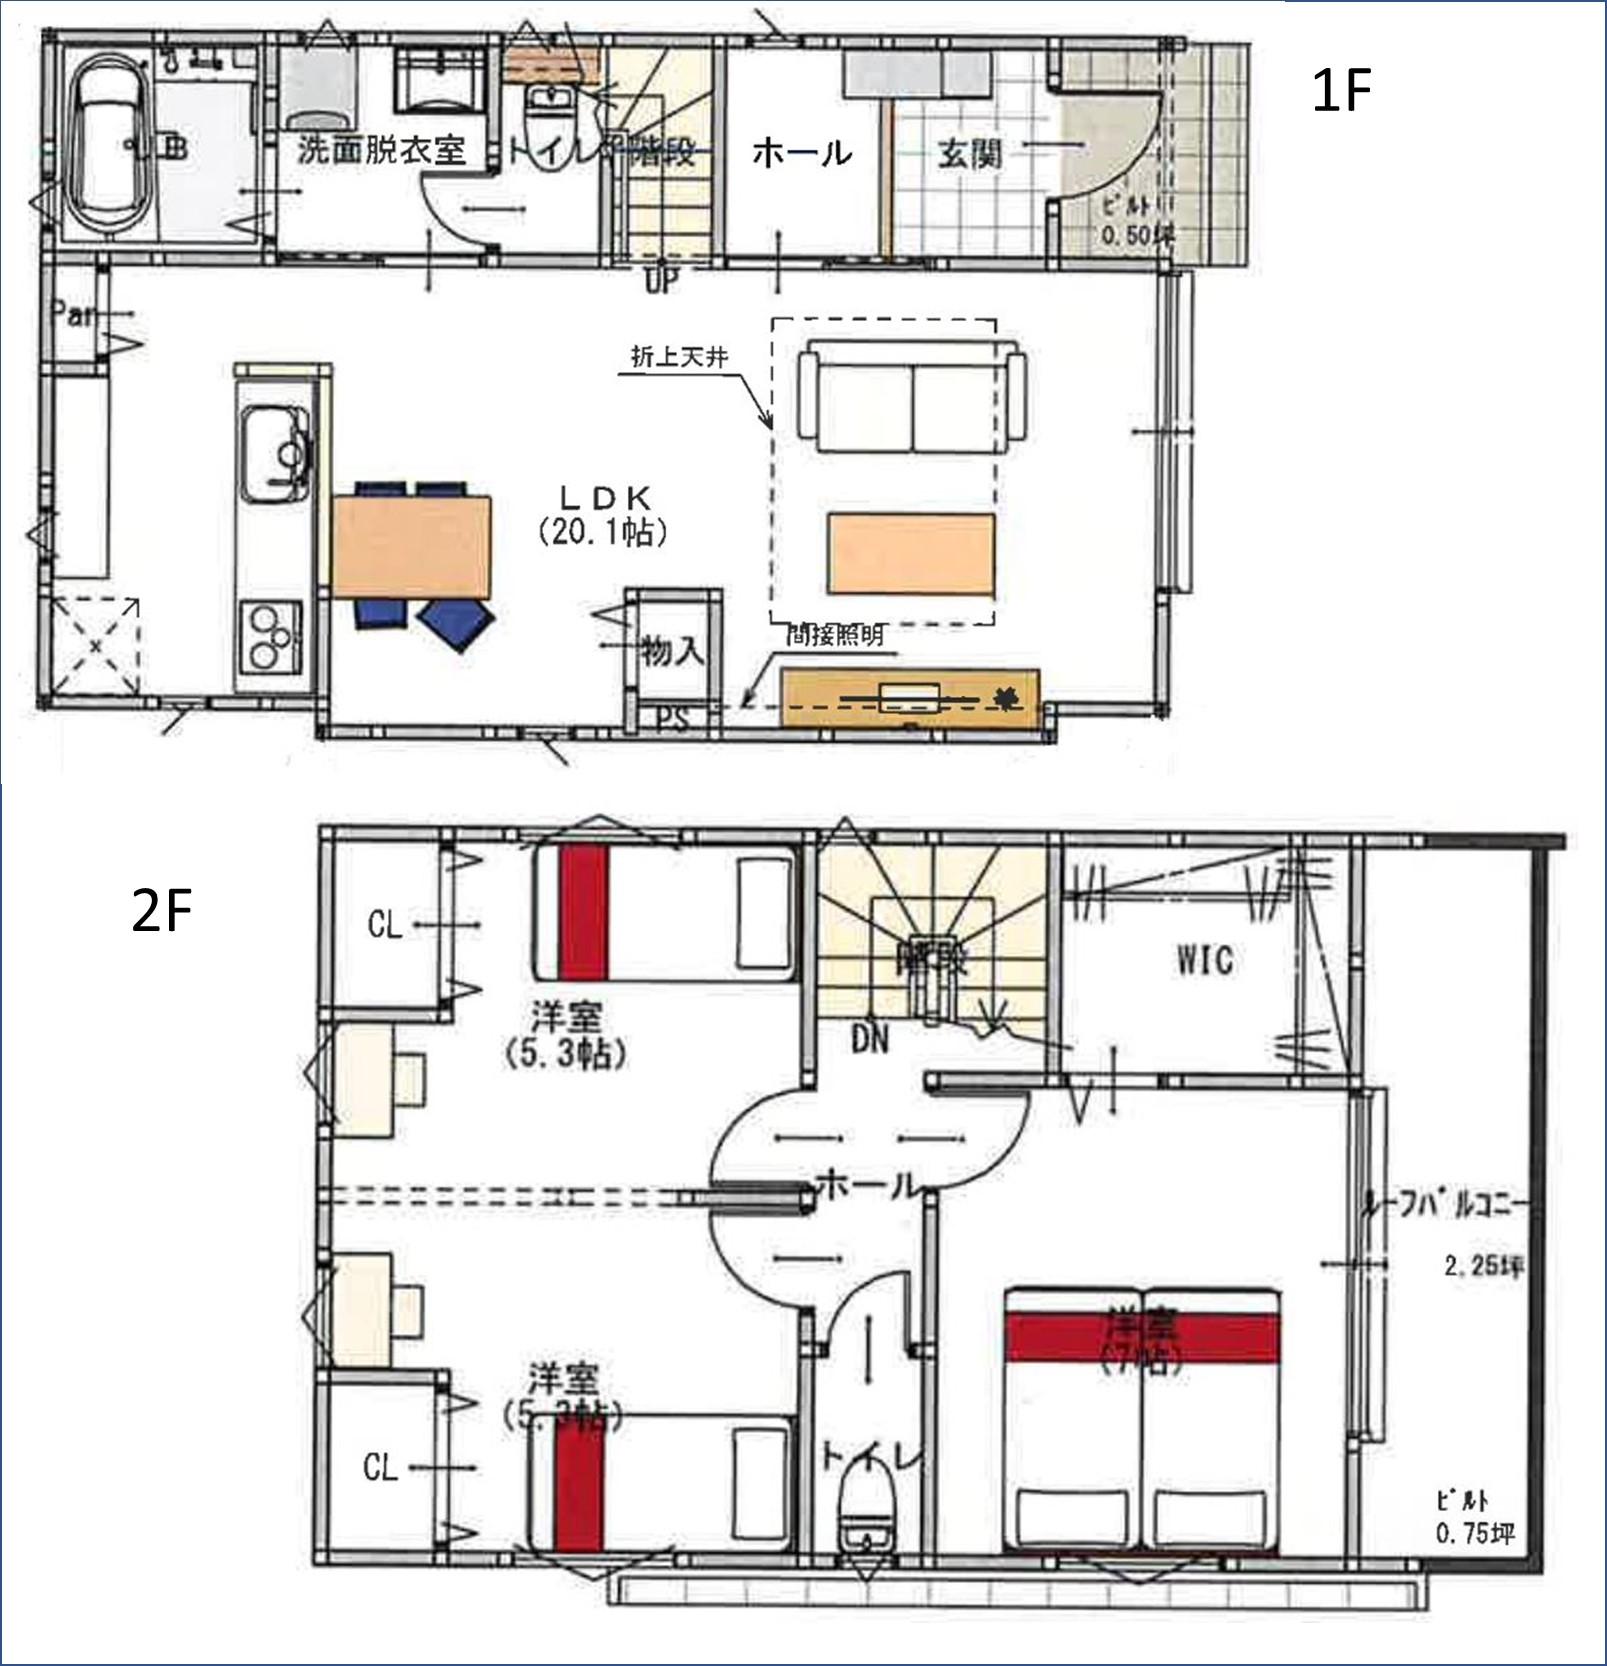 1階のリビングは20帖超。水回り動線を集約しました。2階は居室が2部屋。ライフスタイルに合わせて3部屋への改築も可能です。